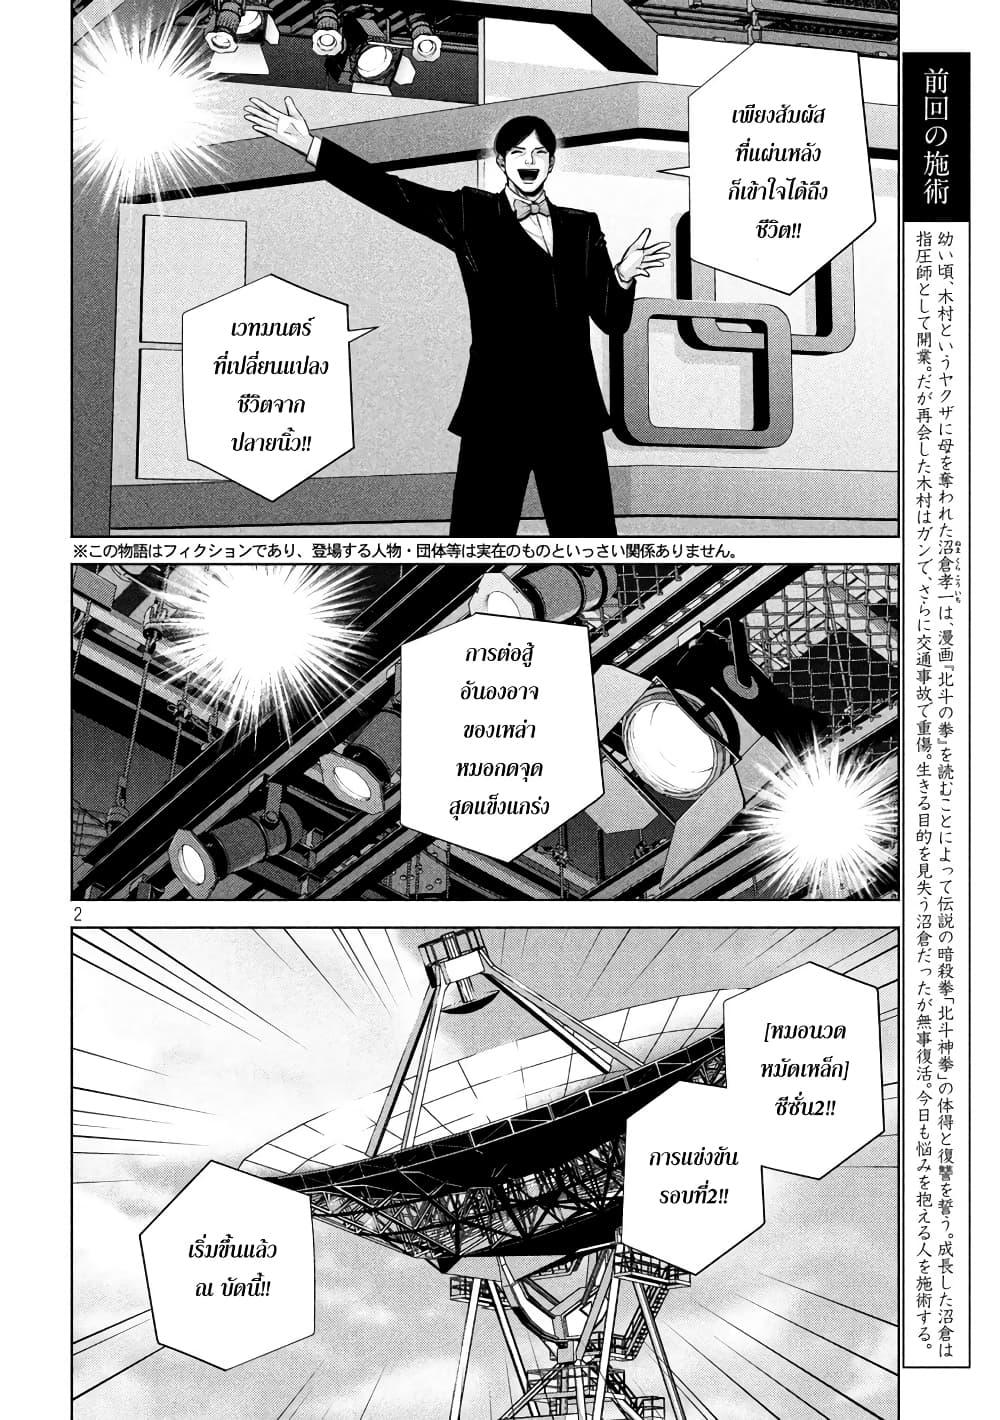 อ่านการ์ตูน Kenshirou ni Yoroshiku ตอนที่ 28 หน้าที่ 2